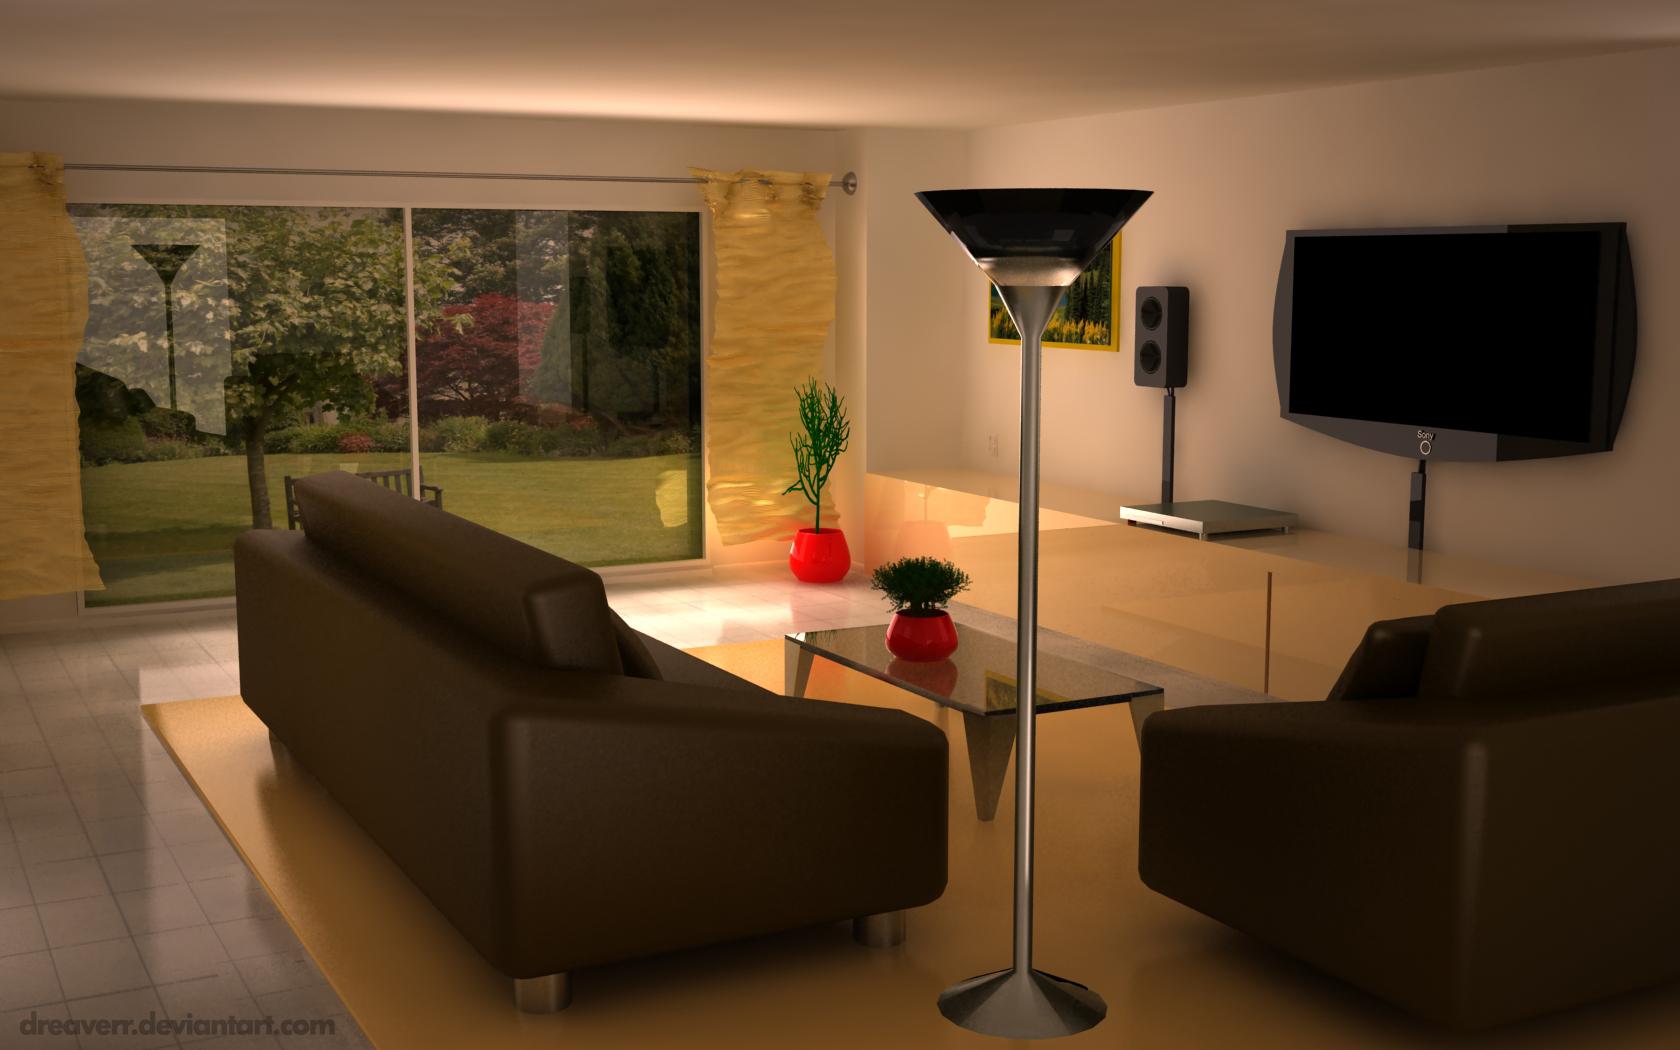 Interior vray livingroom scene by dreaverr on deviantart for Vray interior scene